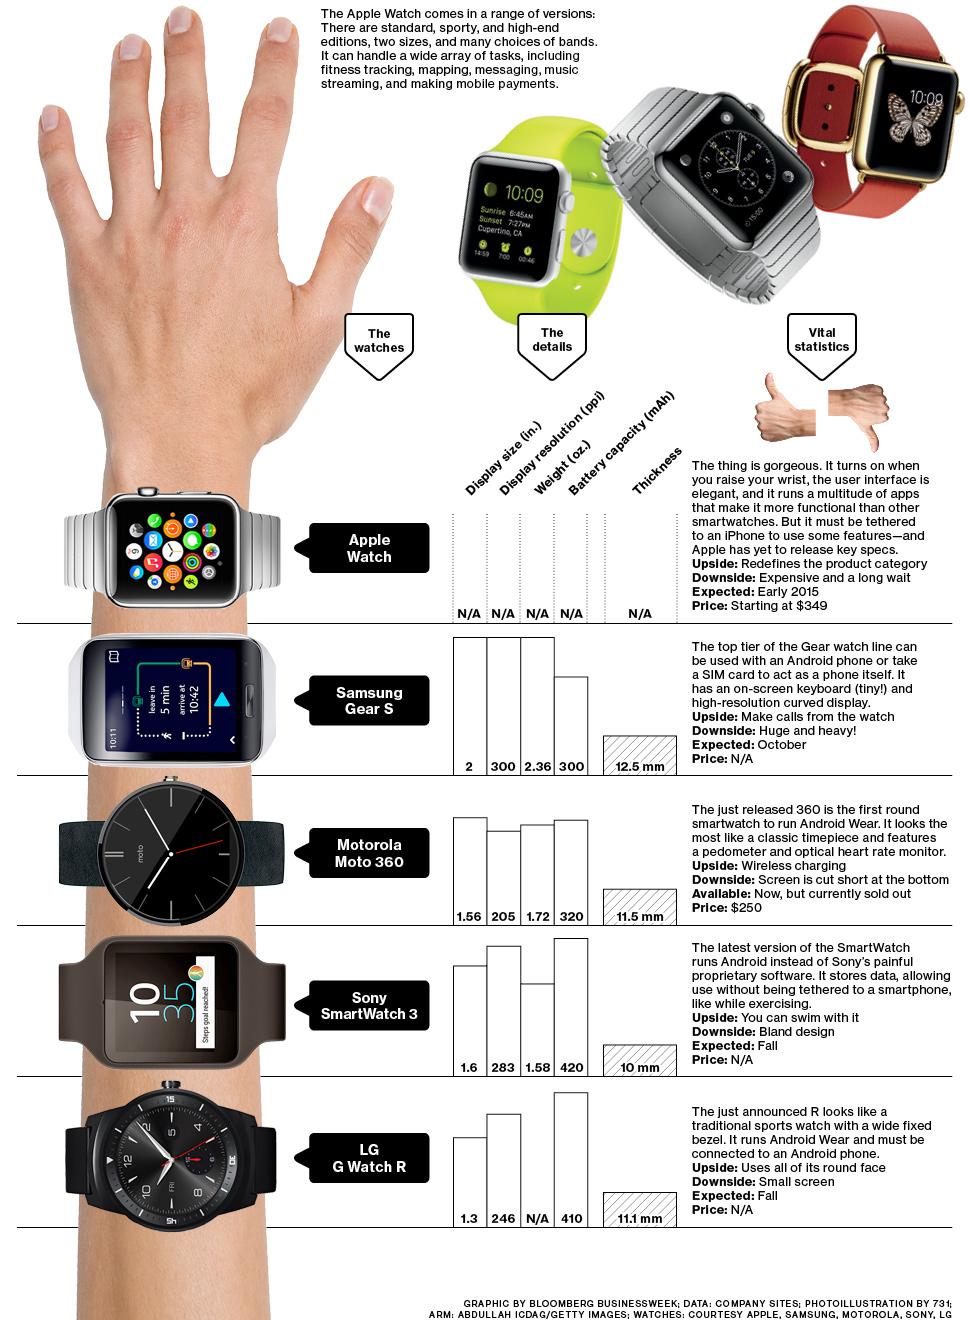 A watch comparison